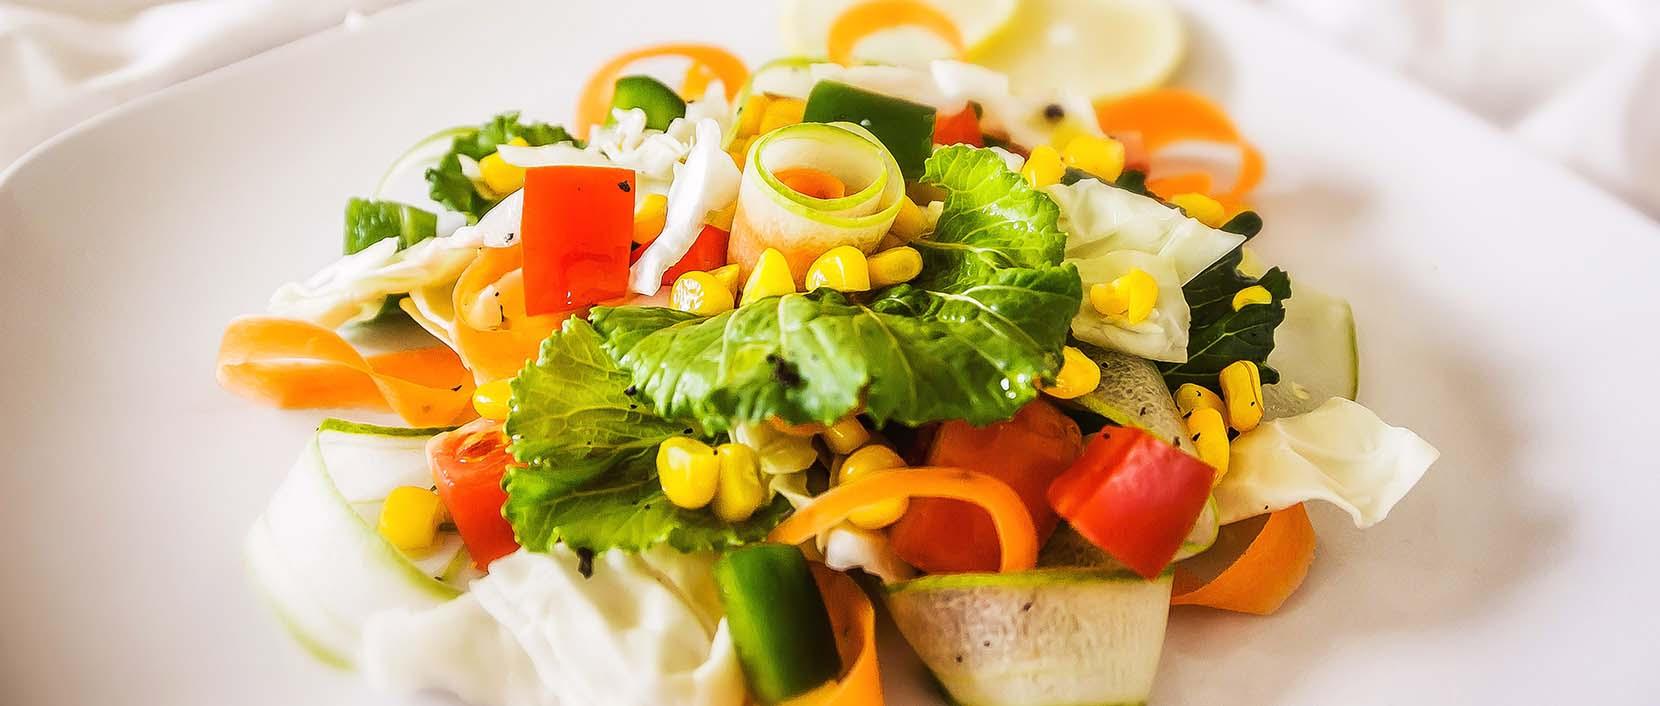 Salad_01.jpg